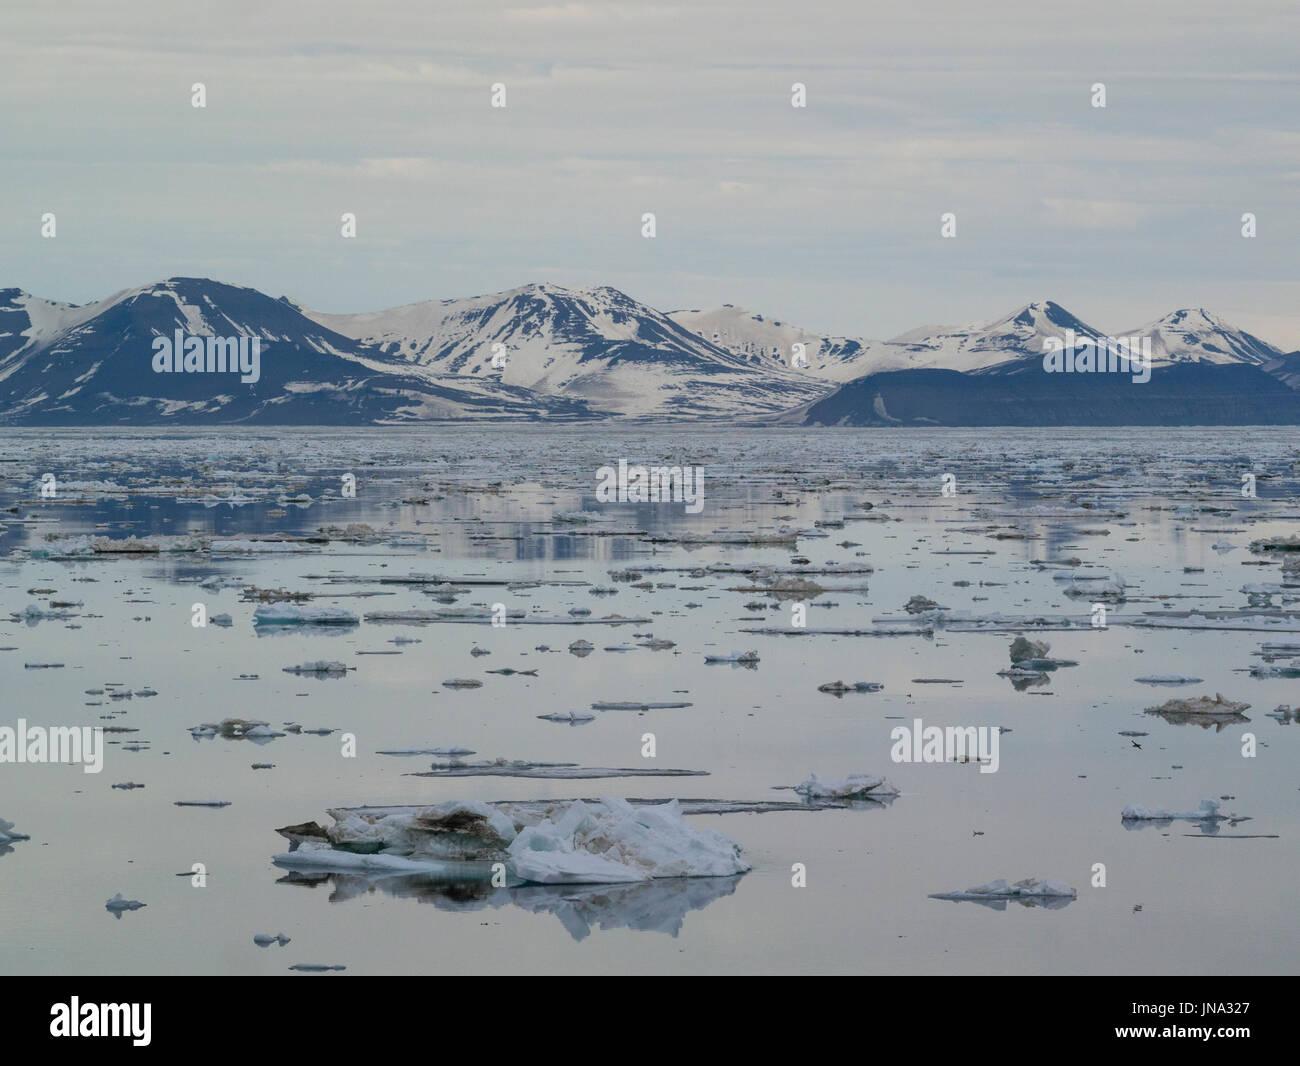 Témpanos de hielo que cubre las aguas del gran Storfjorden briny bahía entre la isla de Spitsbergen, al oeste, y las islas de Barentsøya y Edgeøya al oriente Imagen De Stock